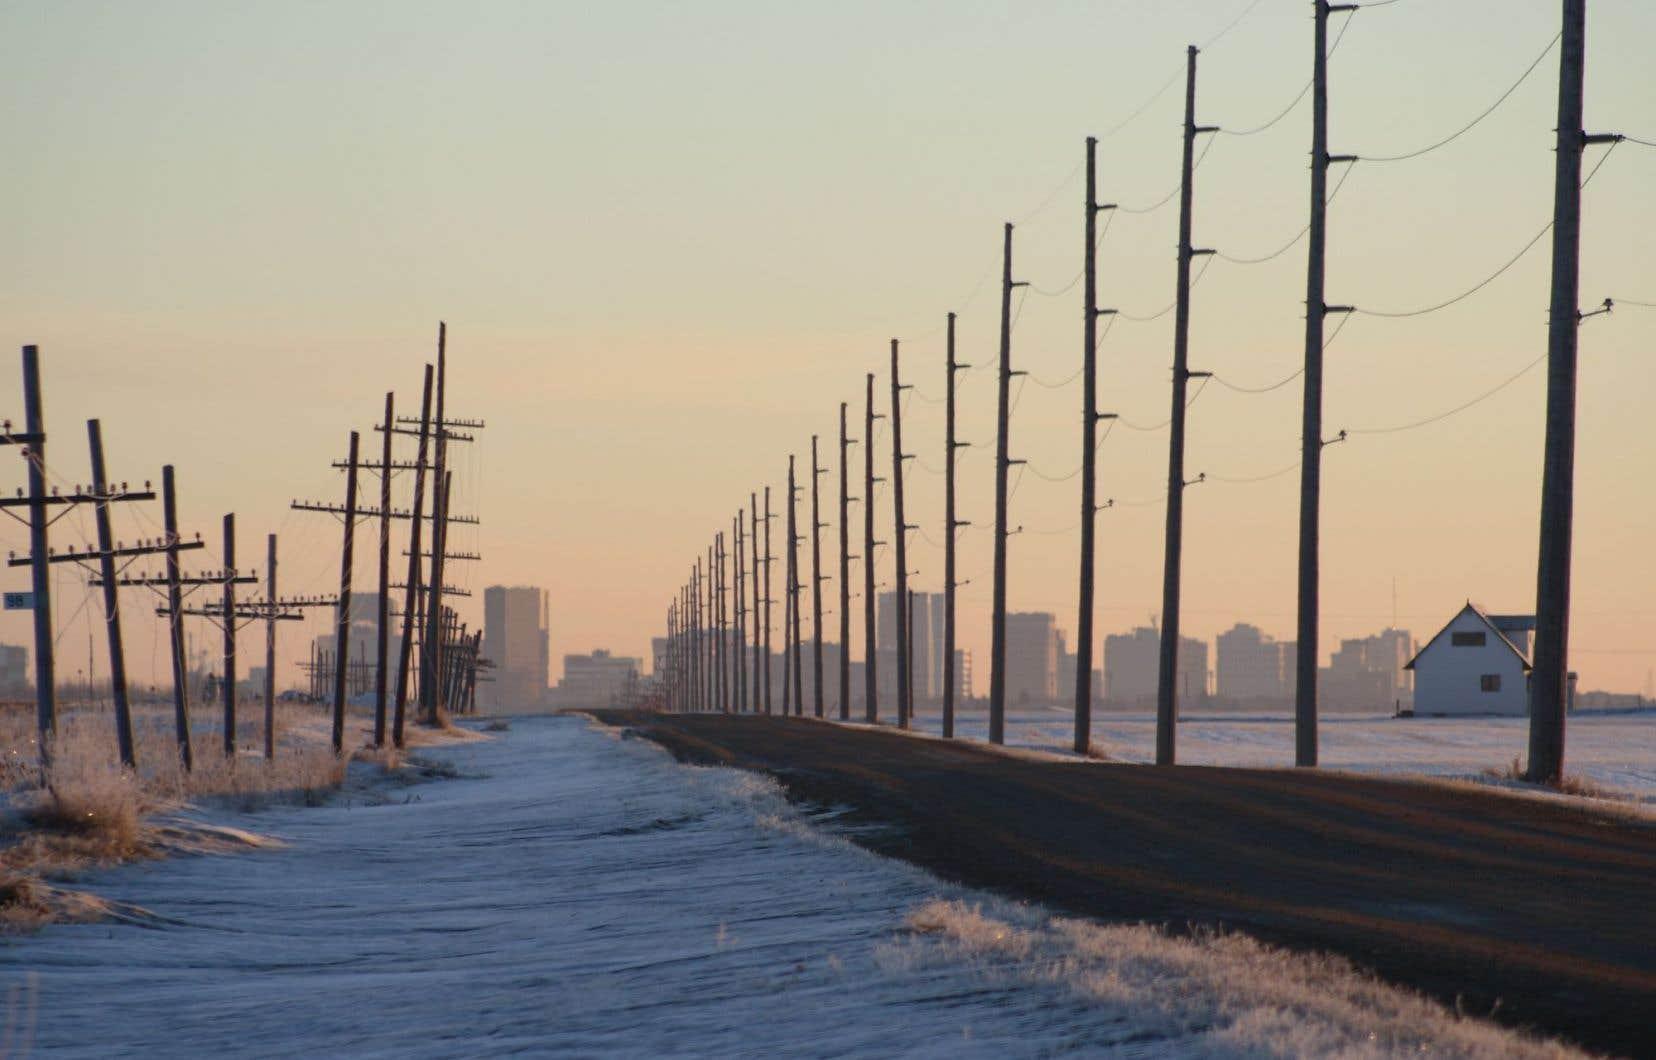 En toile de fond, une Saskatchewan semi-rurale où l'histoire affleure un peu partout.